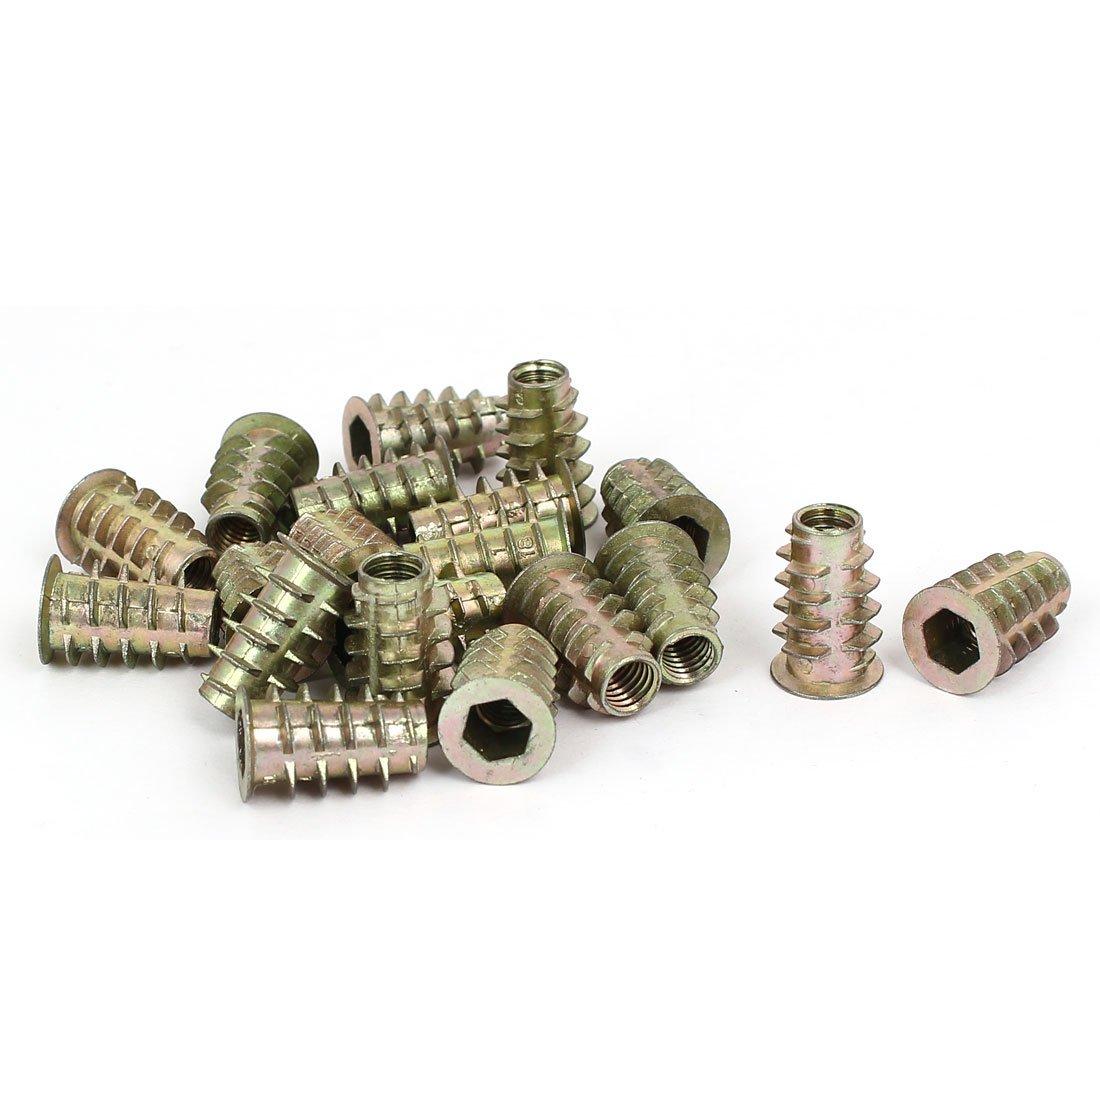 uxcellM6 x 18mm Hex Socket Head Insert Screws E-Nuts Furniture Fittings 20pcs